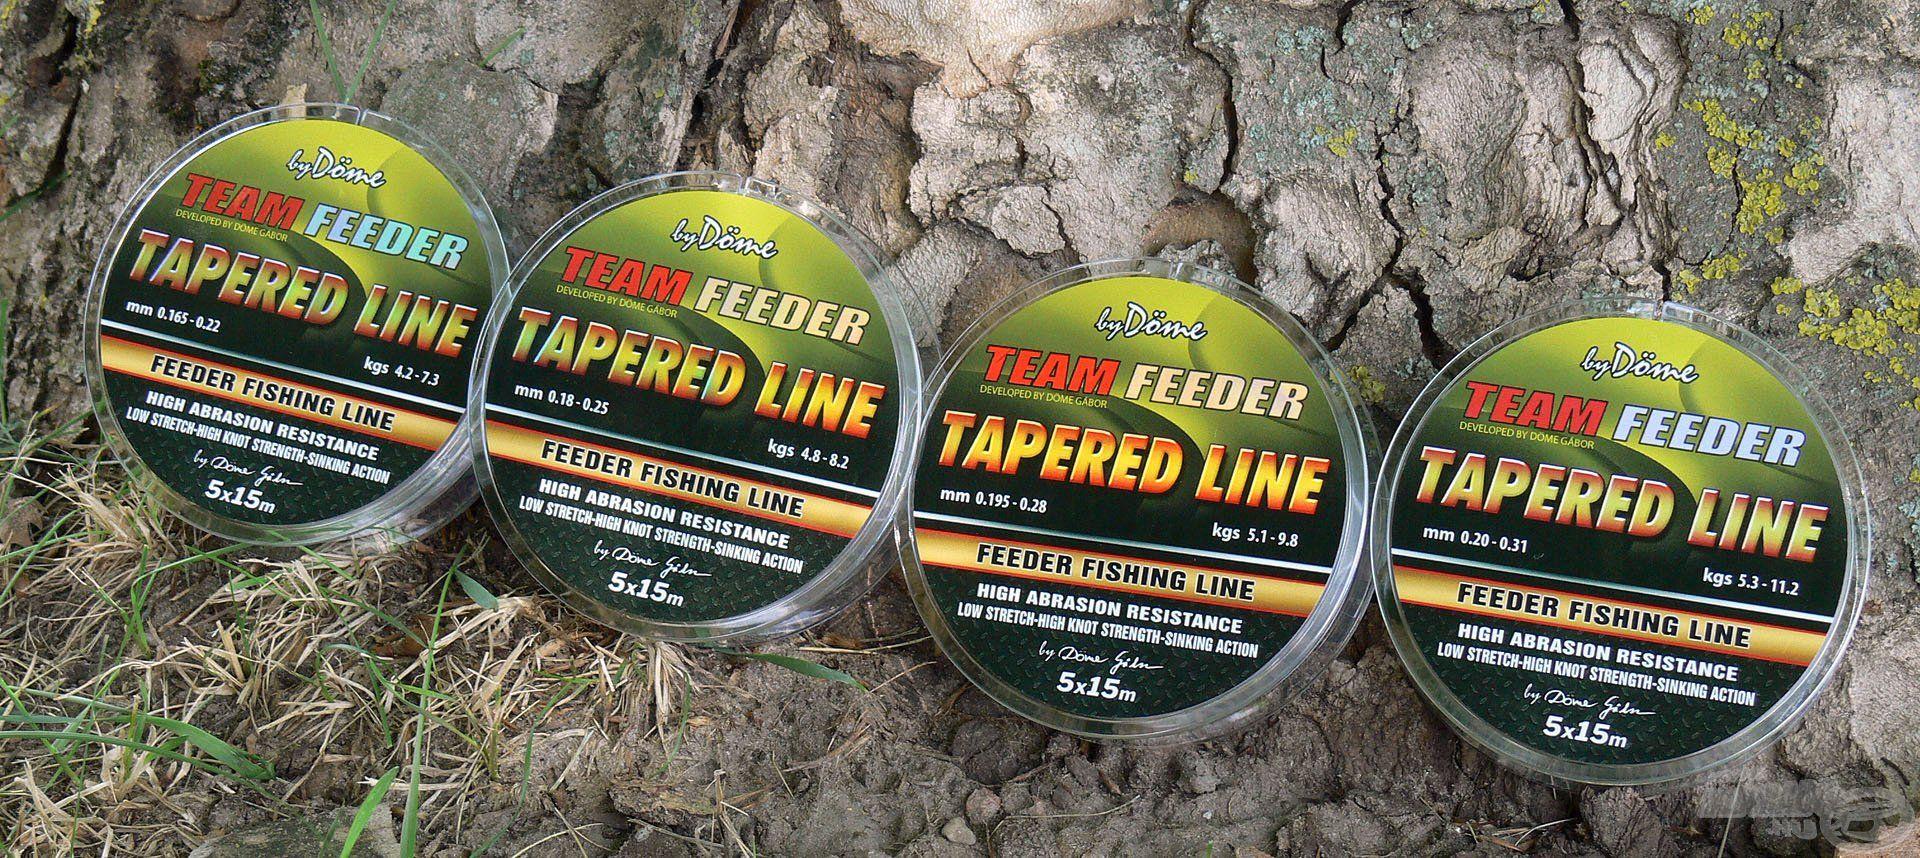 A By Döme TEAM FEEDER Tapered Leader dobóelőke zsinórok arra lettek kifejlesztve, hogy biztonságos és szabályos módon tudjunk velük minél távolabb horgászni!